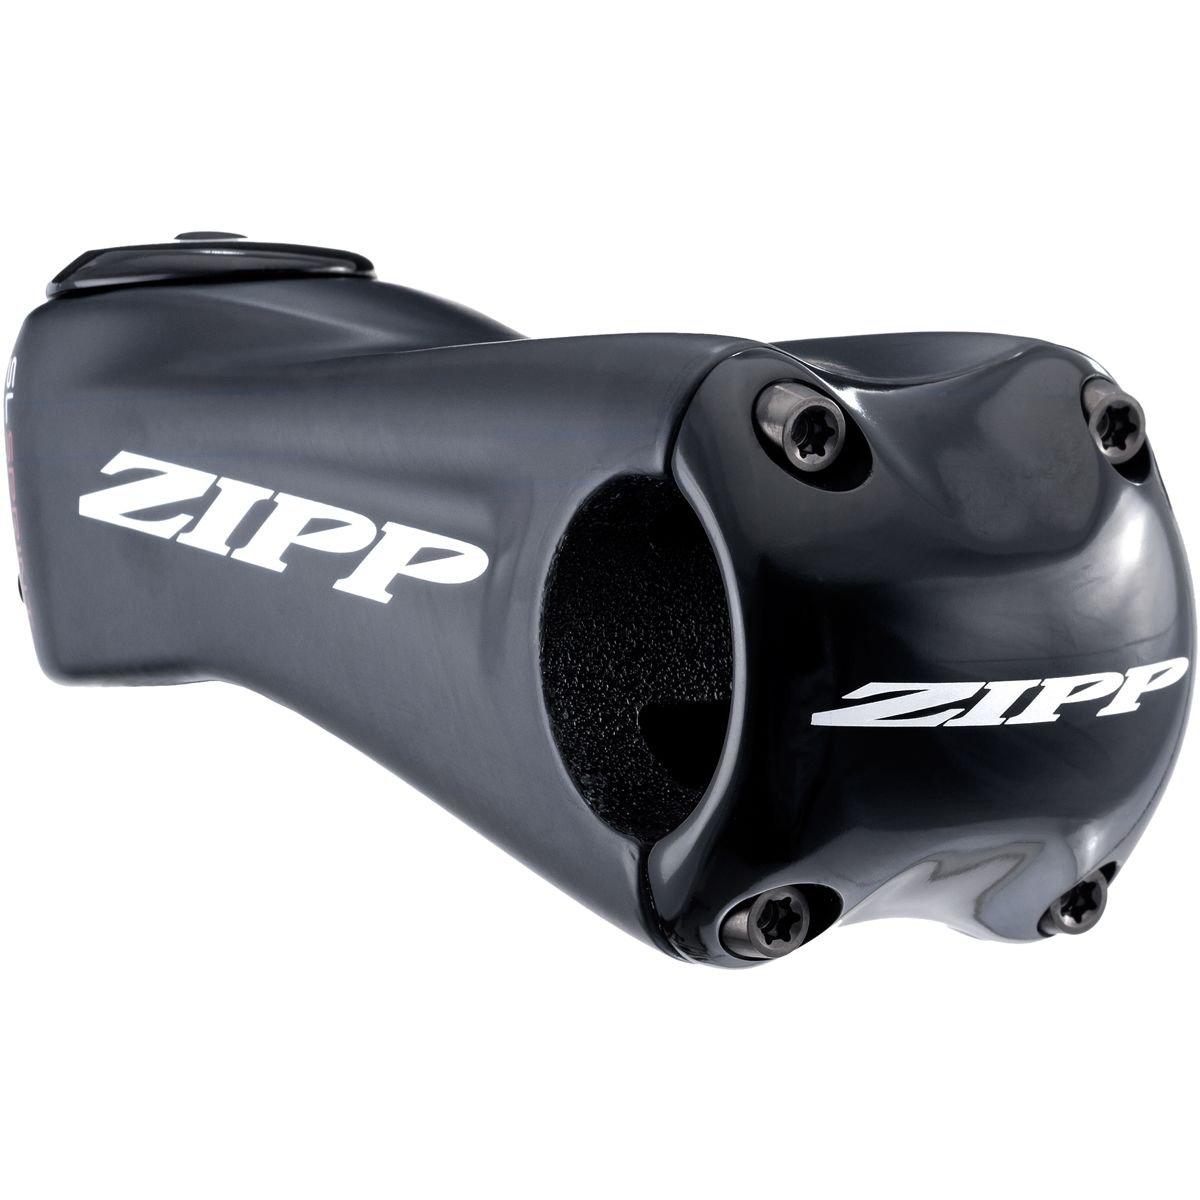 140mm Matte Ud Carbon Zipp 2017 Sl Sprint Carbon Road Bike Stem 12 Degree B01M26EQ0F